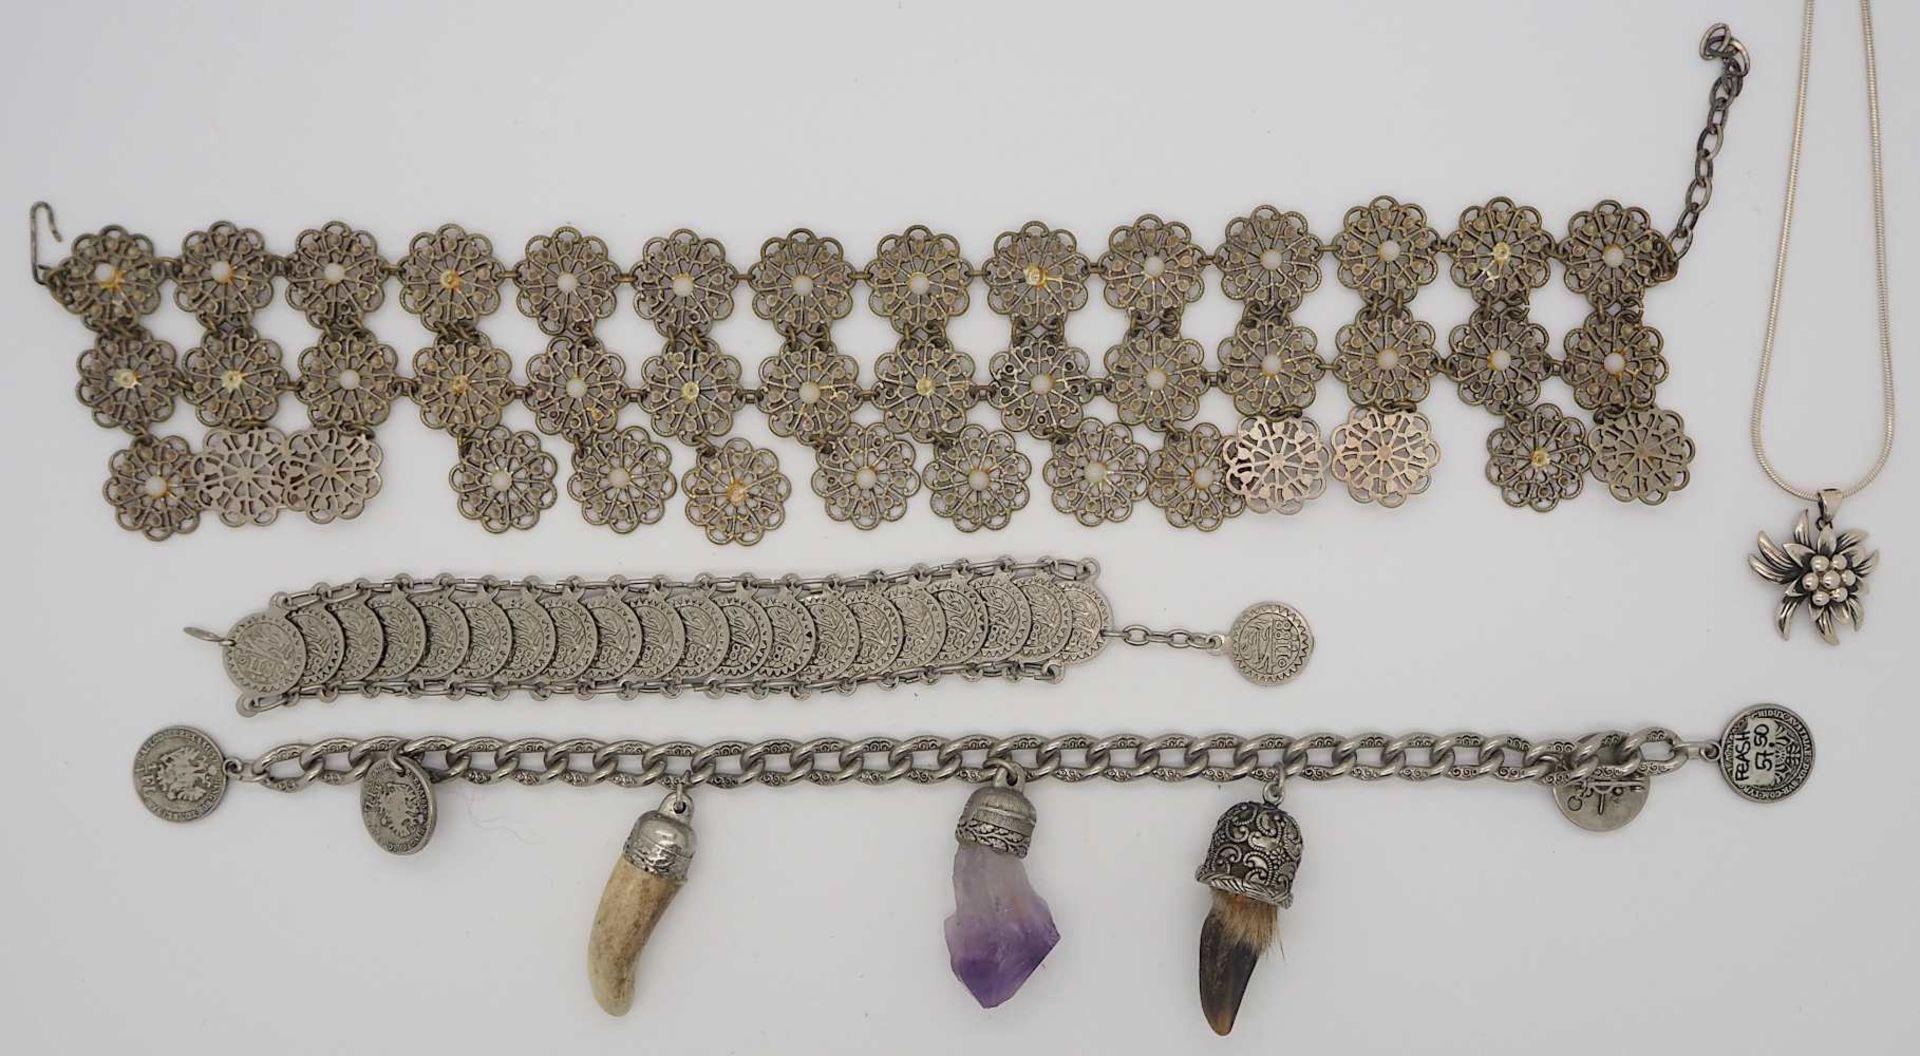 1 Konv. Schmuck Silber/Mode u.a., z.T. Biedermeier, min. GG 8ct. Granate u.a. - Bild 3 aus 3